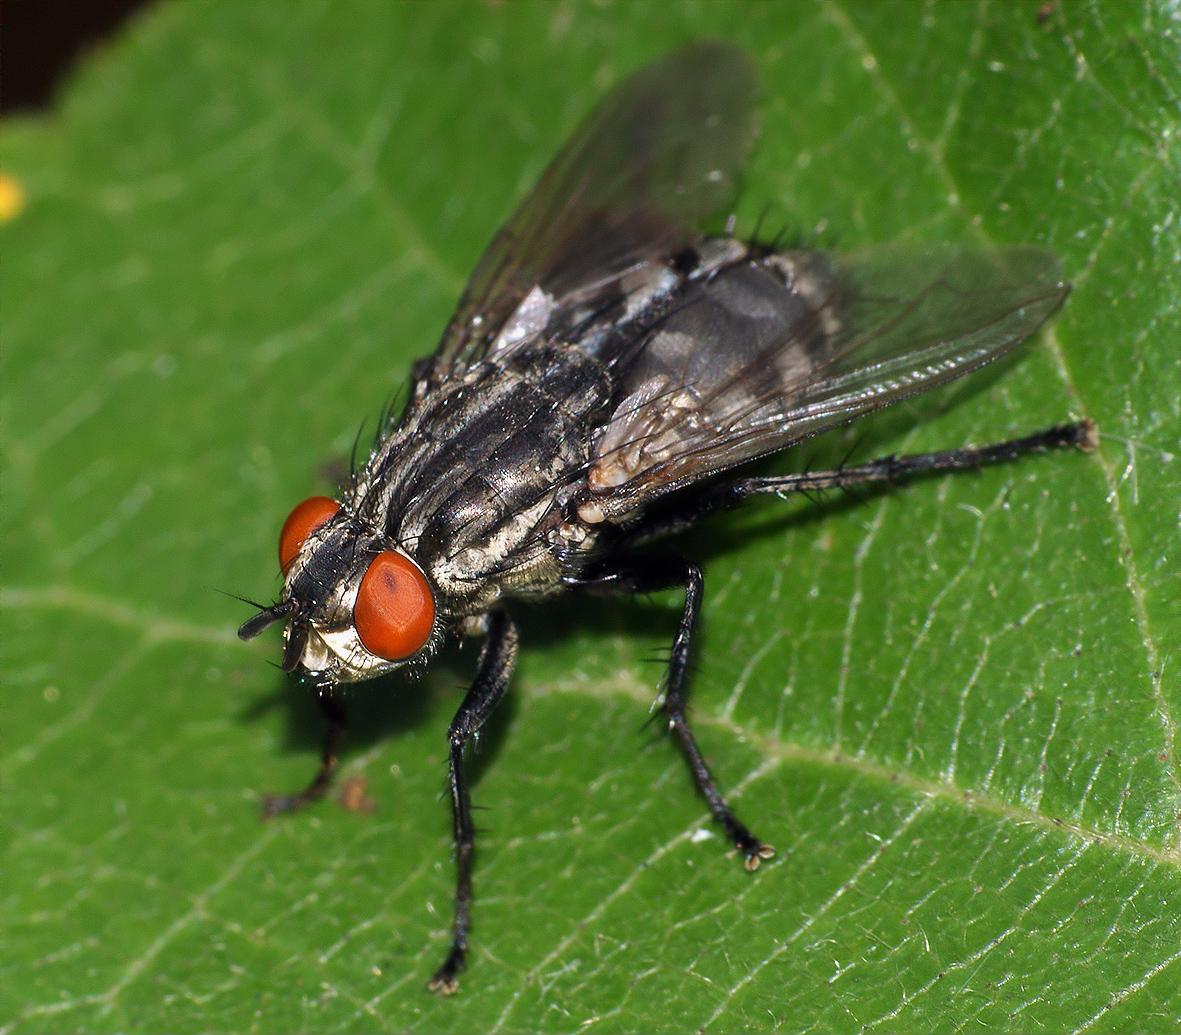 Серая мясная муха, внешний вид